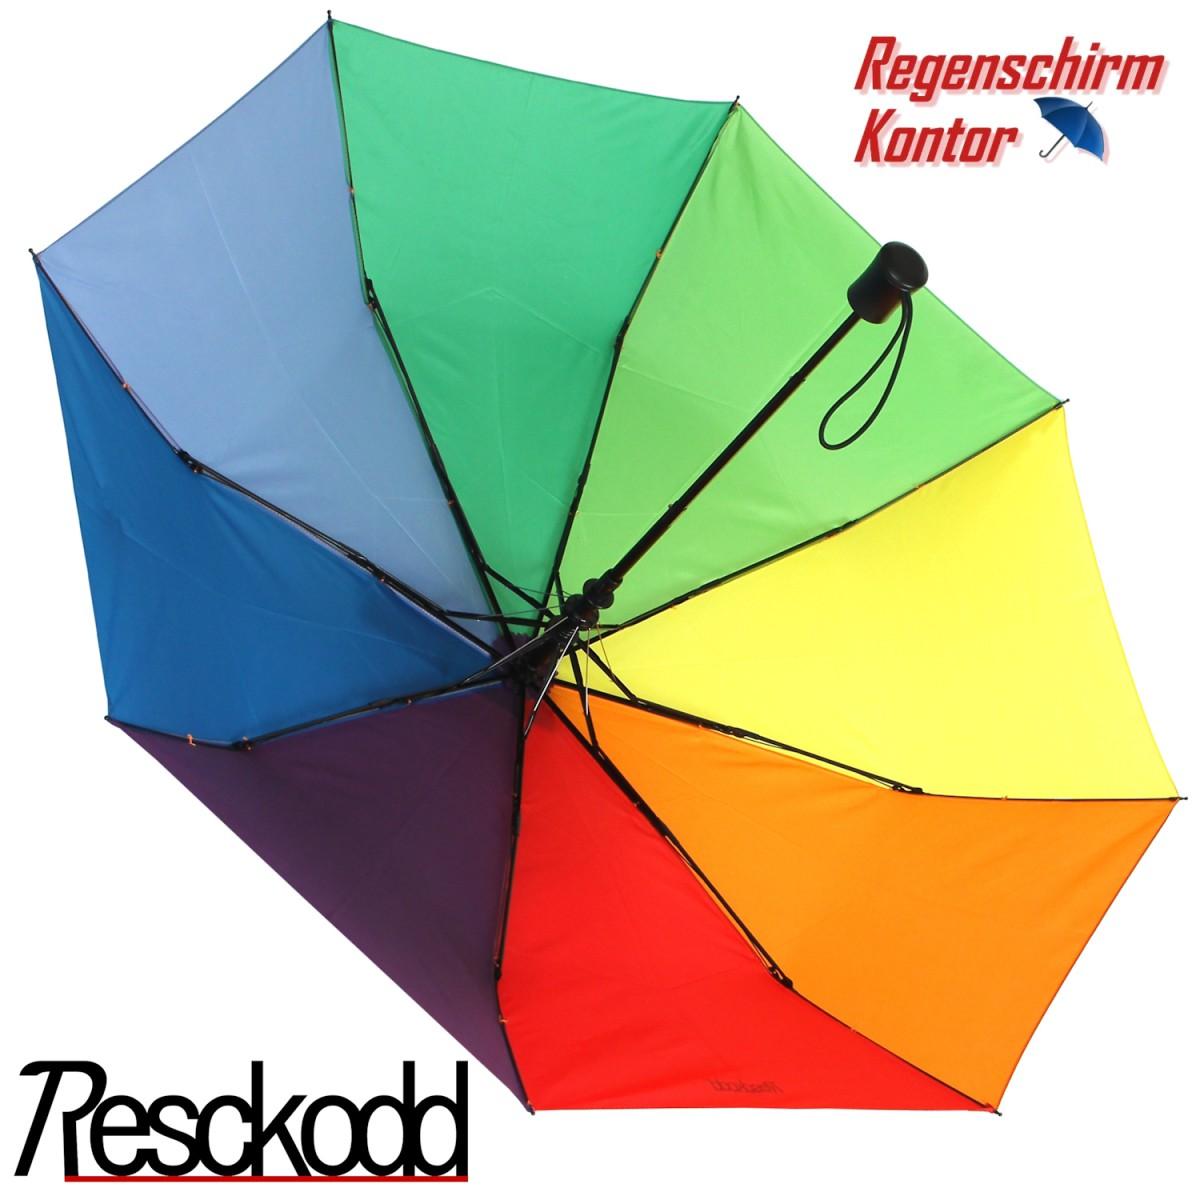 Taschenregenschirm Regenbogen